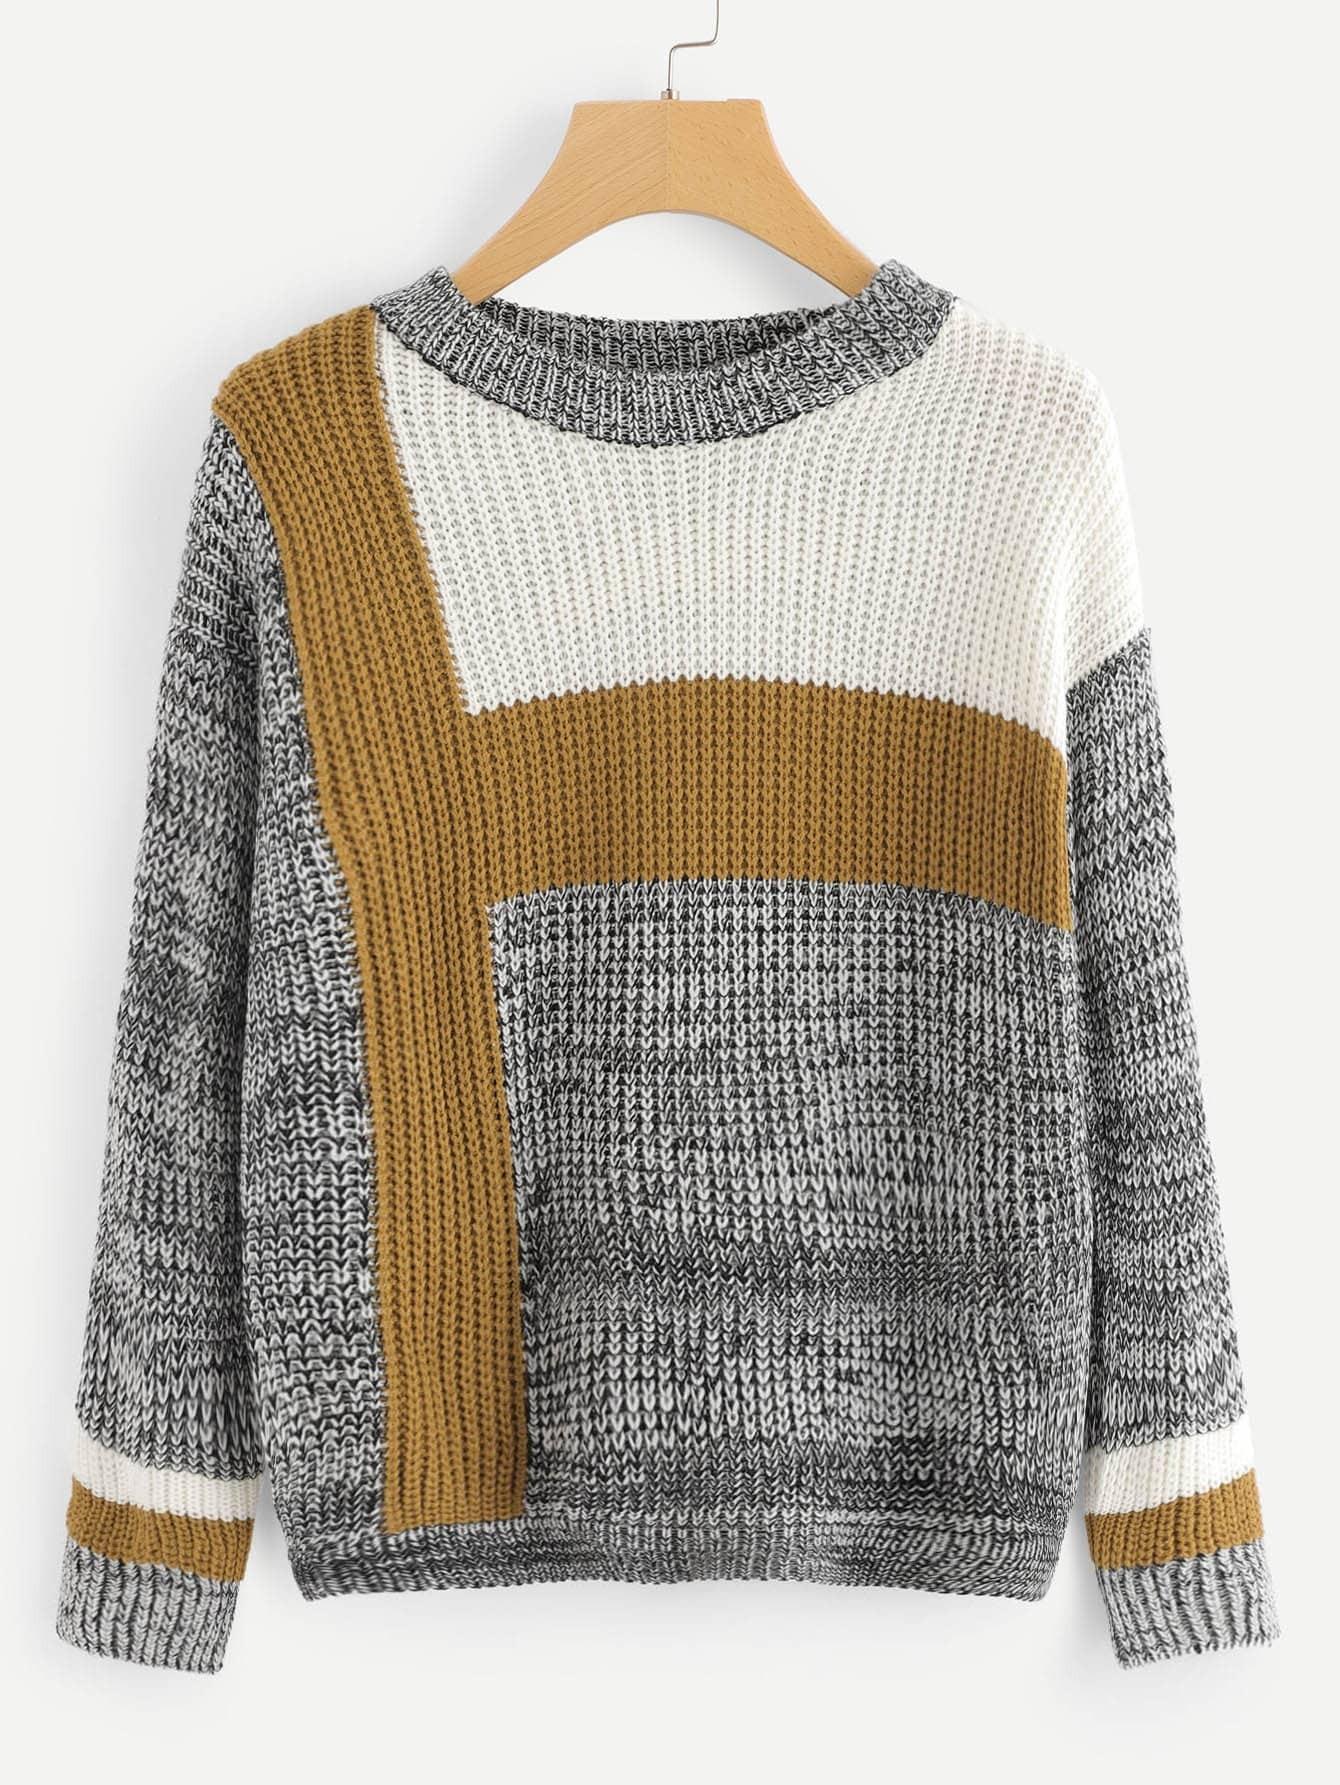 Купить Трикотажный контрастный свитер, null, SheIn